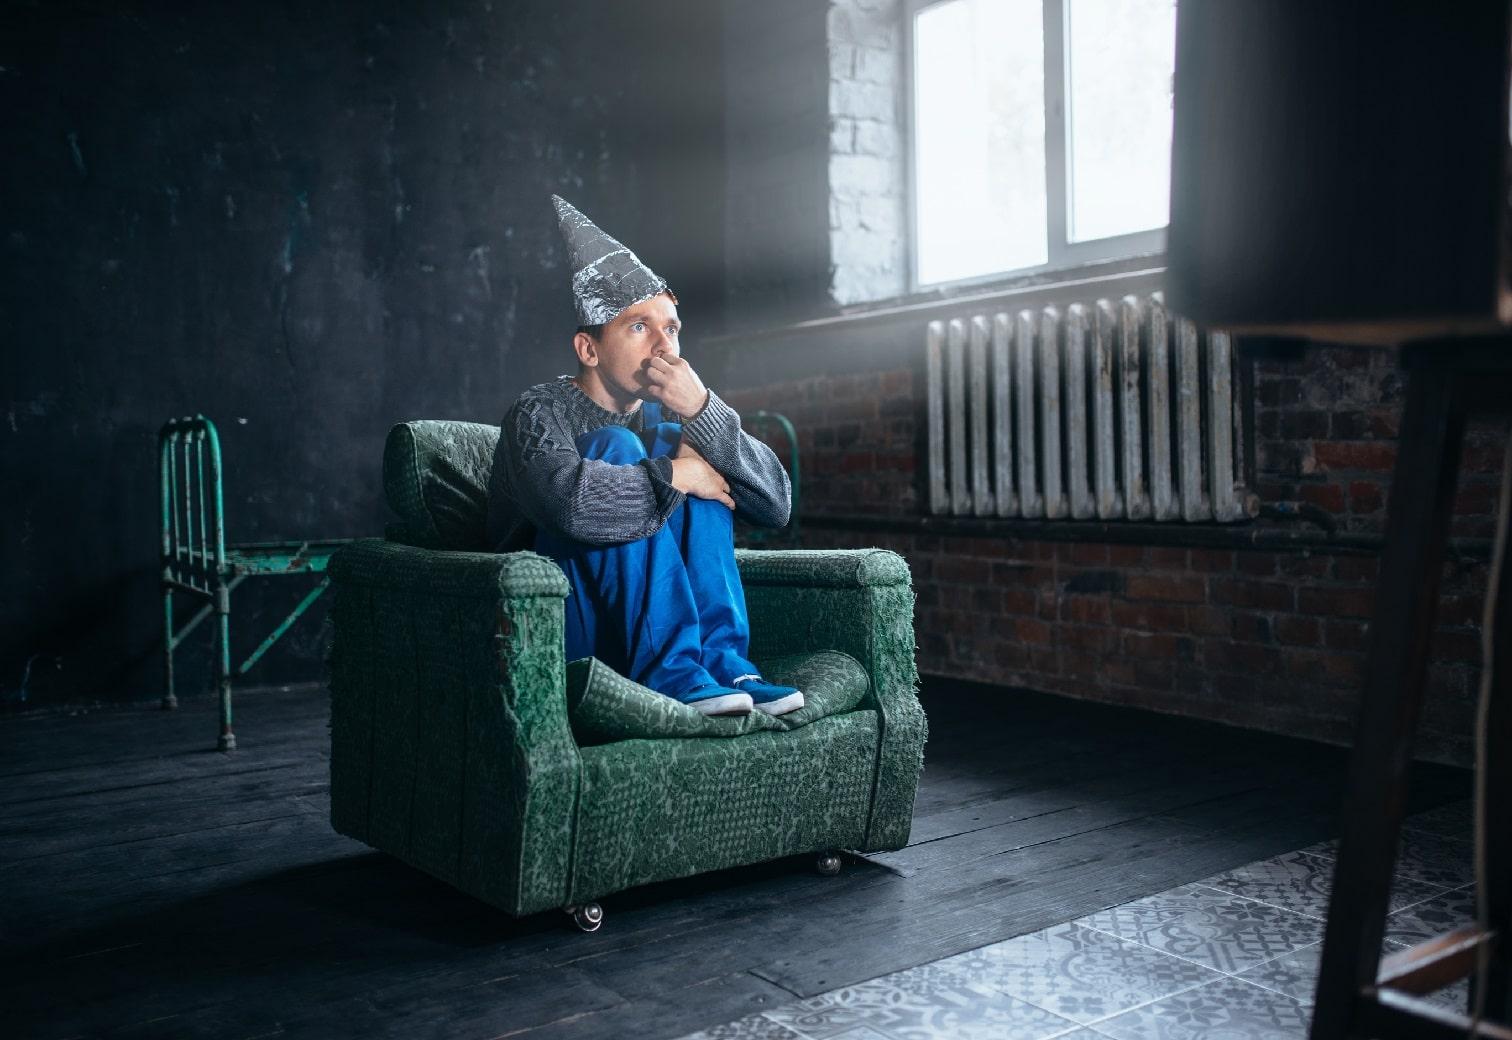 Fobibehandling.dk Alle er bange for noget. Her sider en ung mand i en lænestol i en mørk kælder med en sølvpapir hat på hovet, Måske har han phobofobi